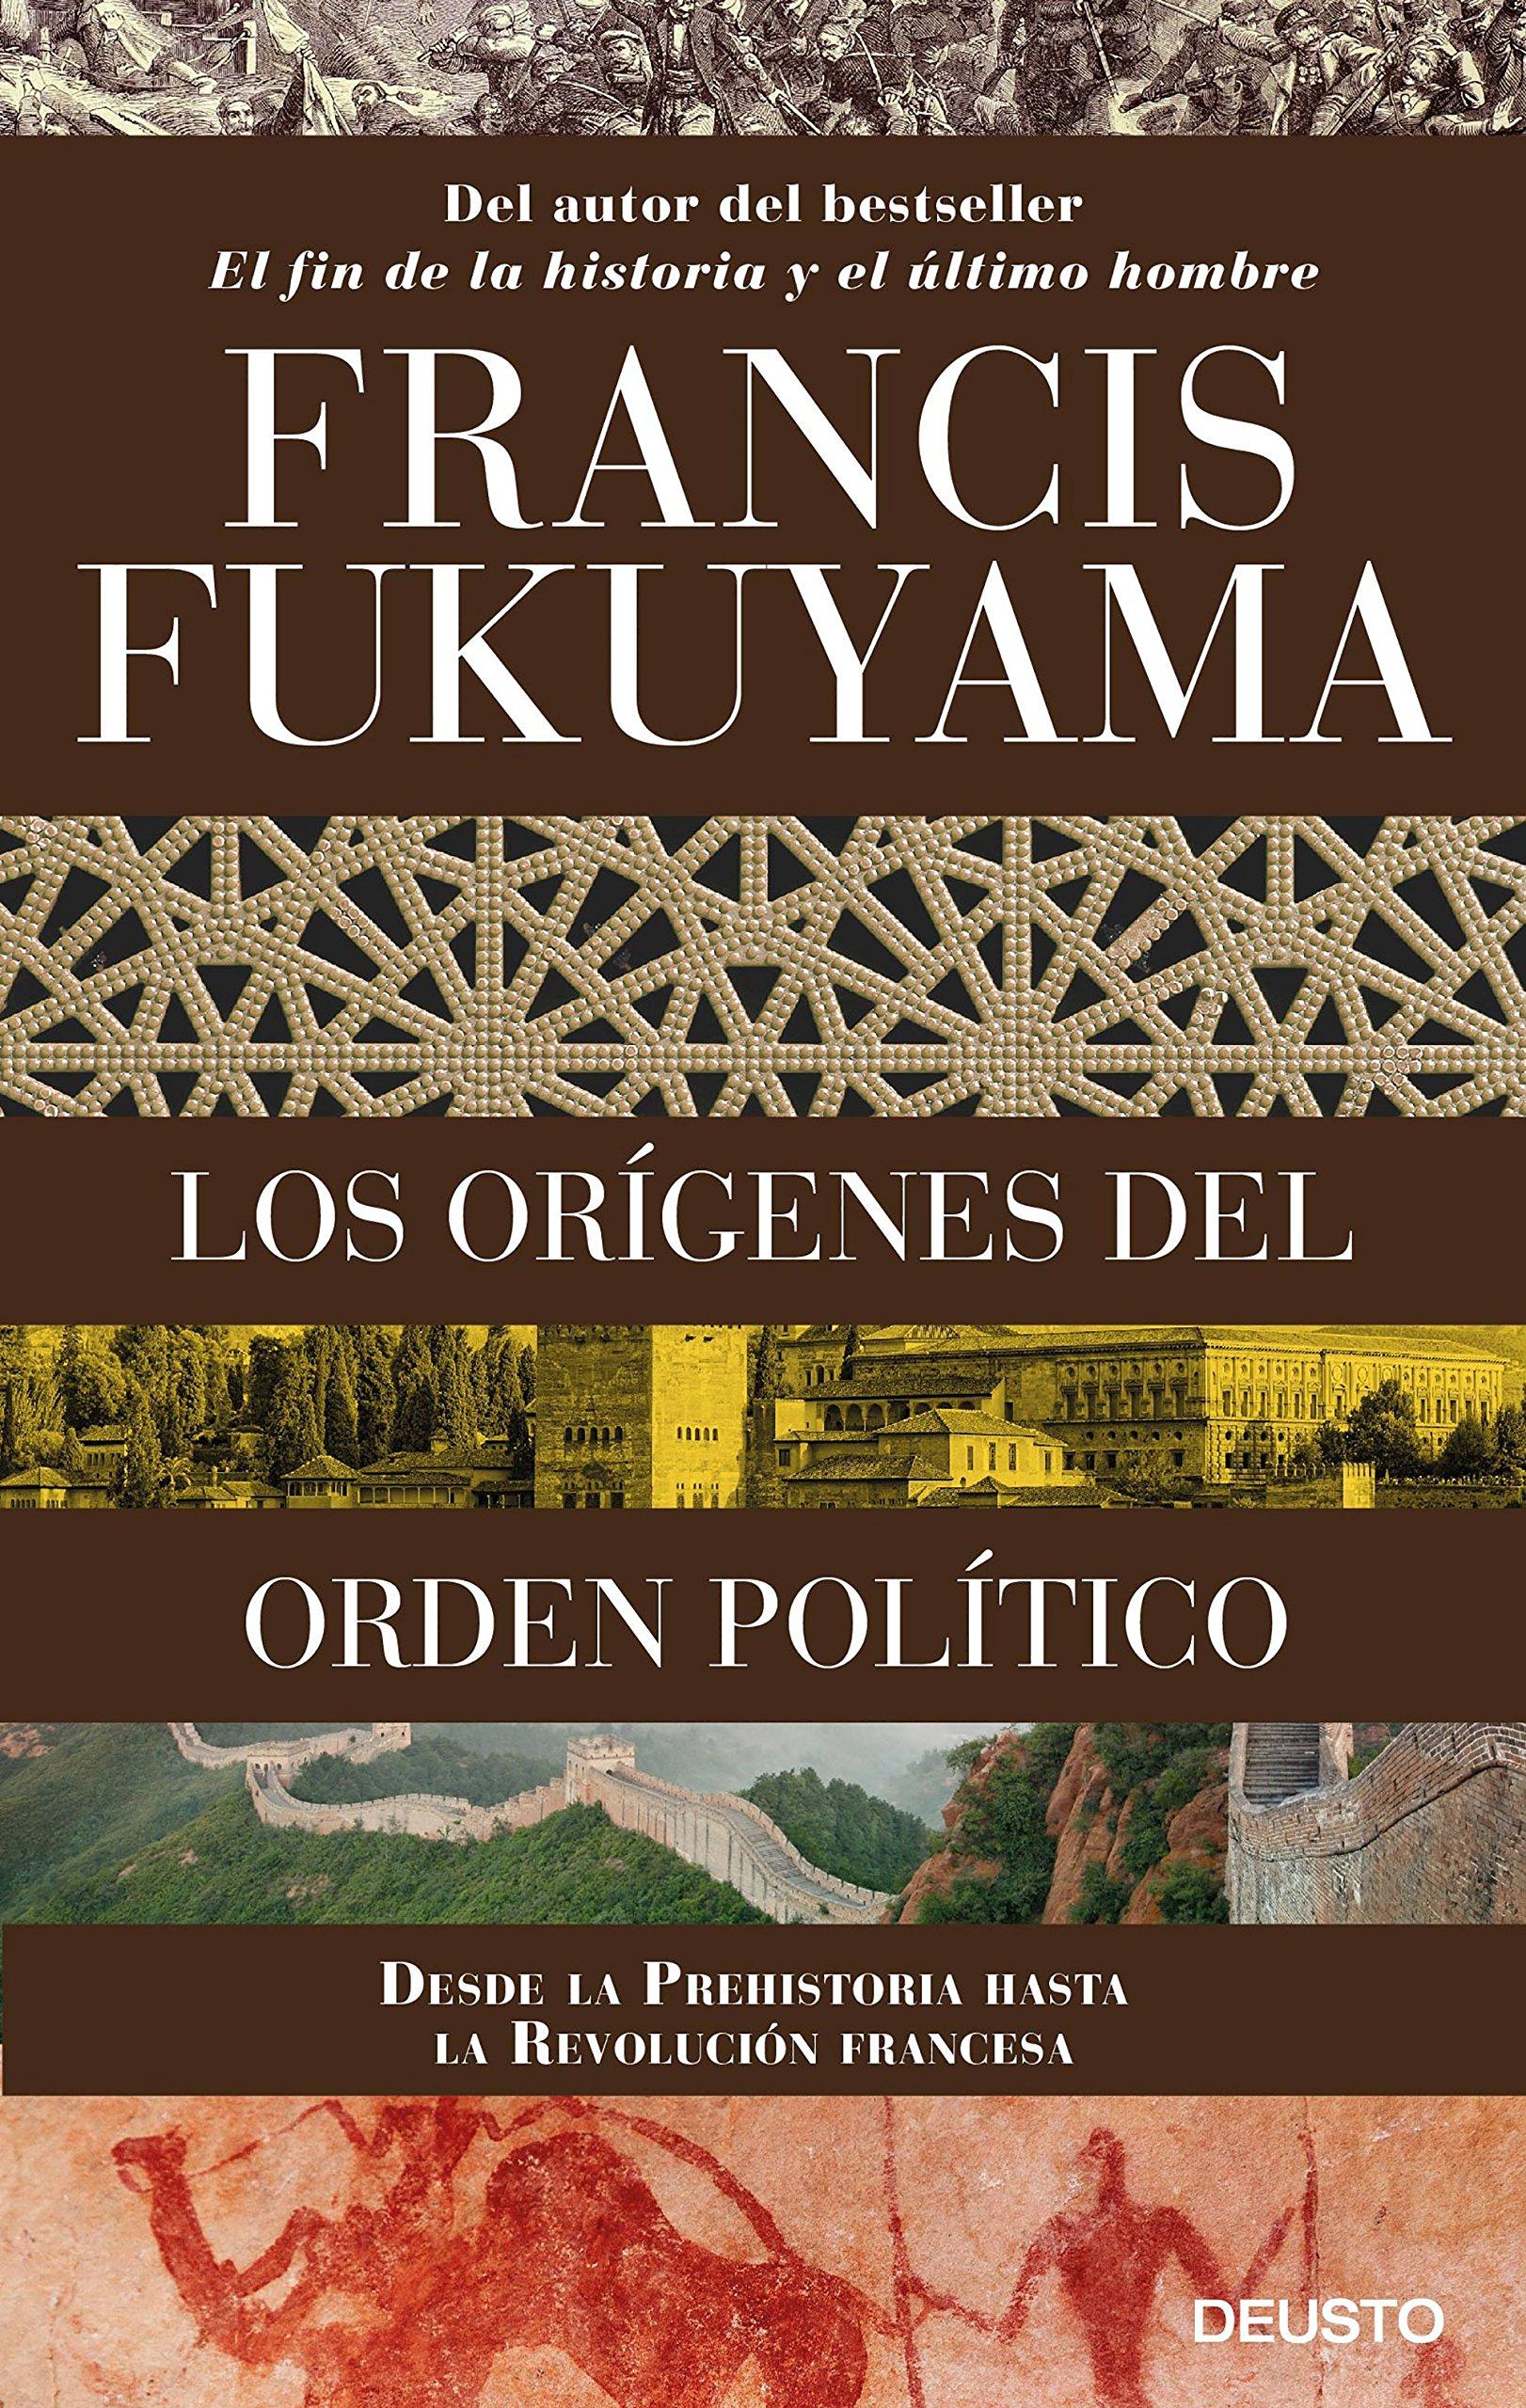 Los orígenes del orden político: Desde la Prehistoria hasta la Revolución francesa Sin colección: Amazon.es: Francis Fukuyama, Jorge Paredes: Libros